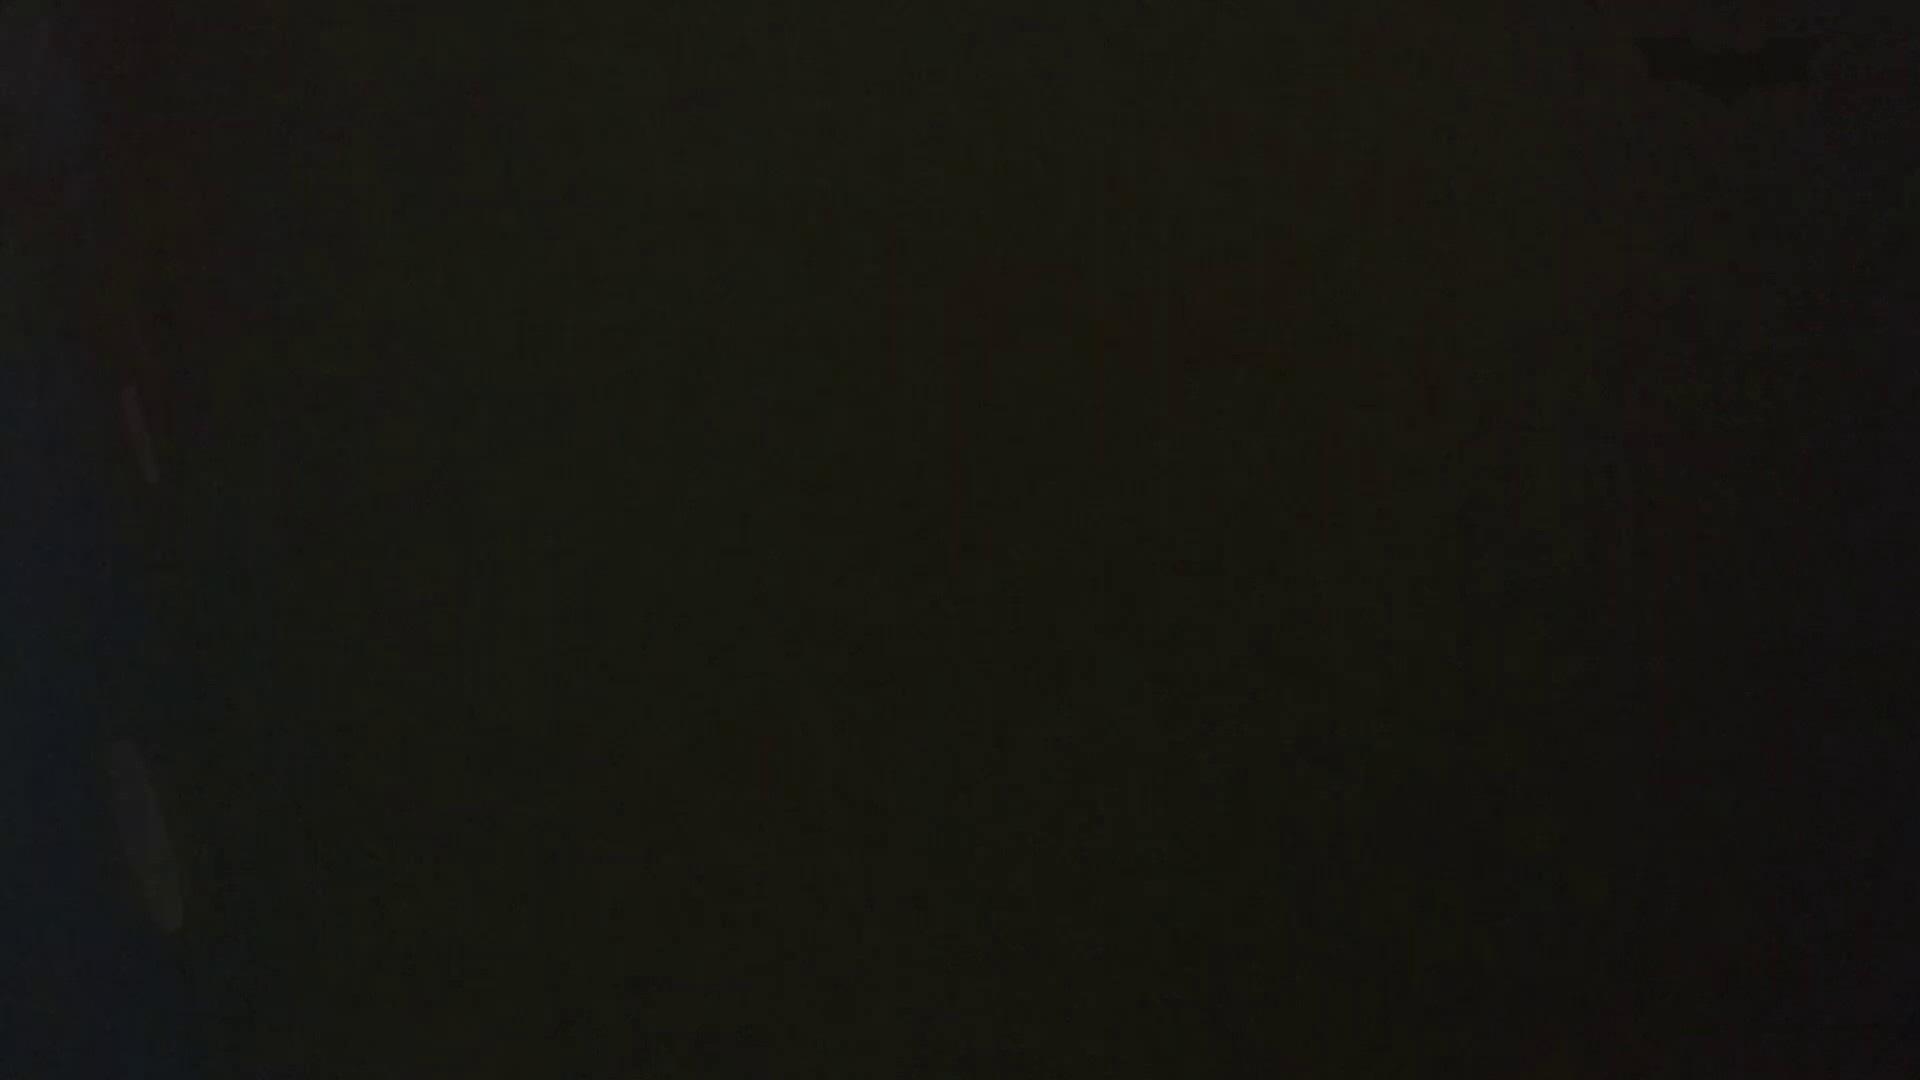 化粧室絵巻 ショッピングモール編 VOL.13 丸見え オメコ無修正動画無料 89画像 35